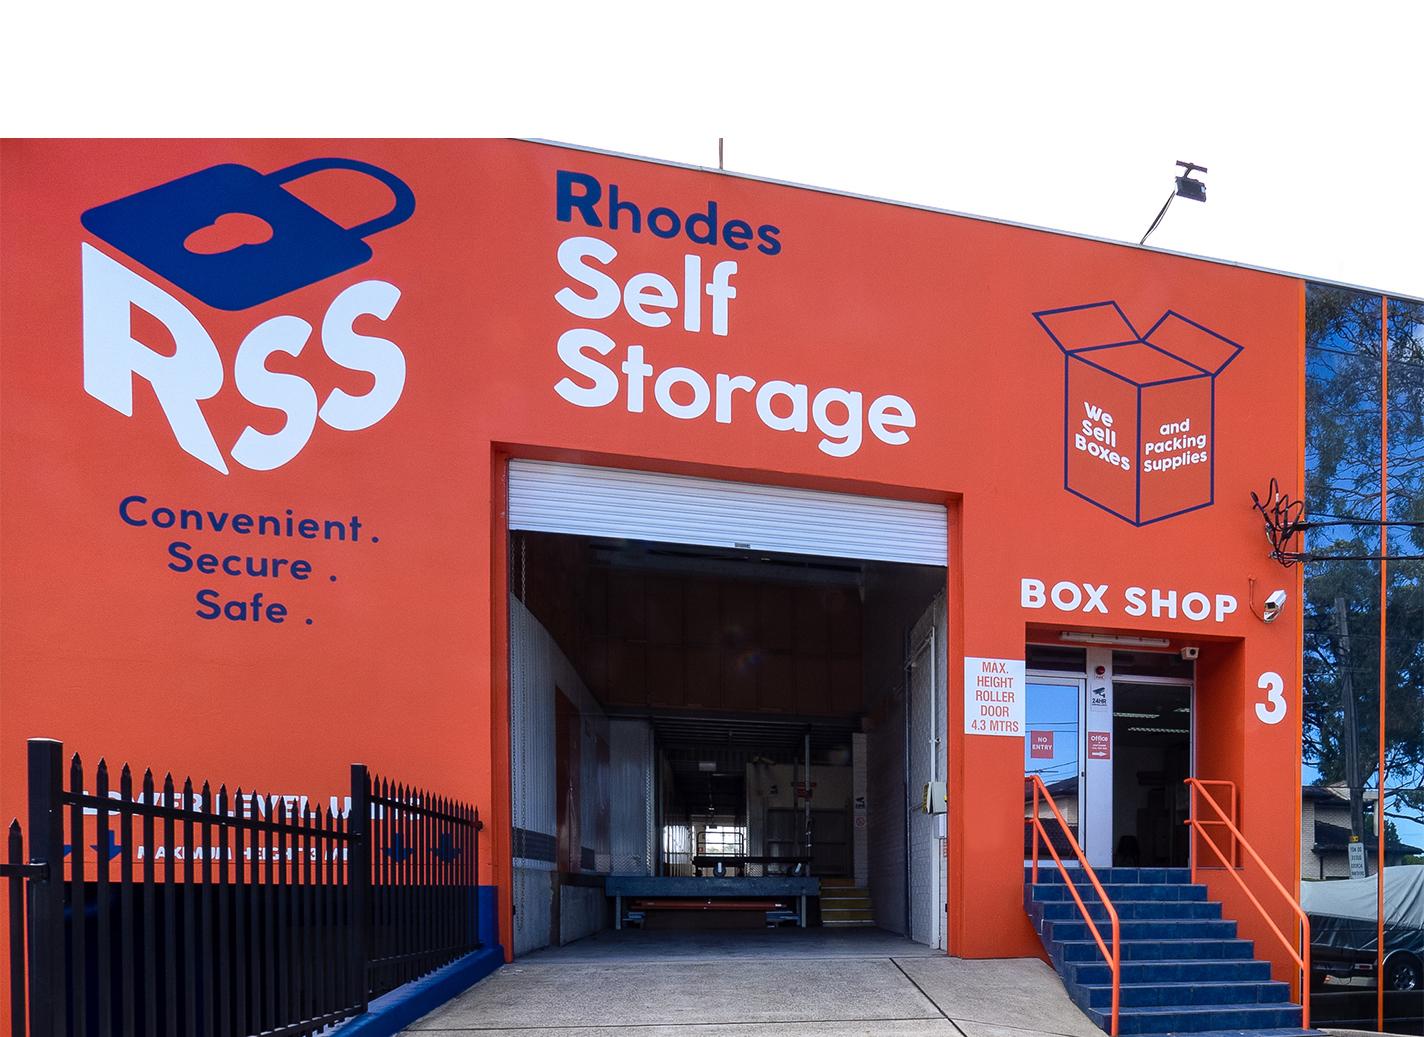 Rhodes Self Storage